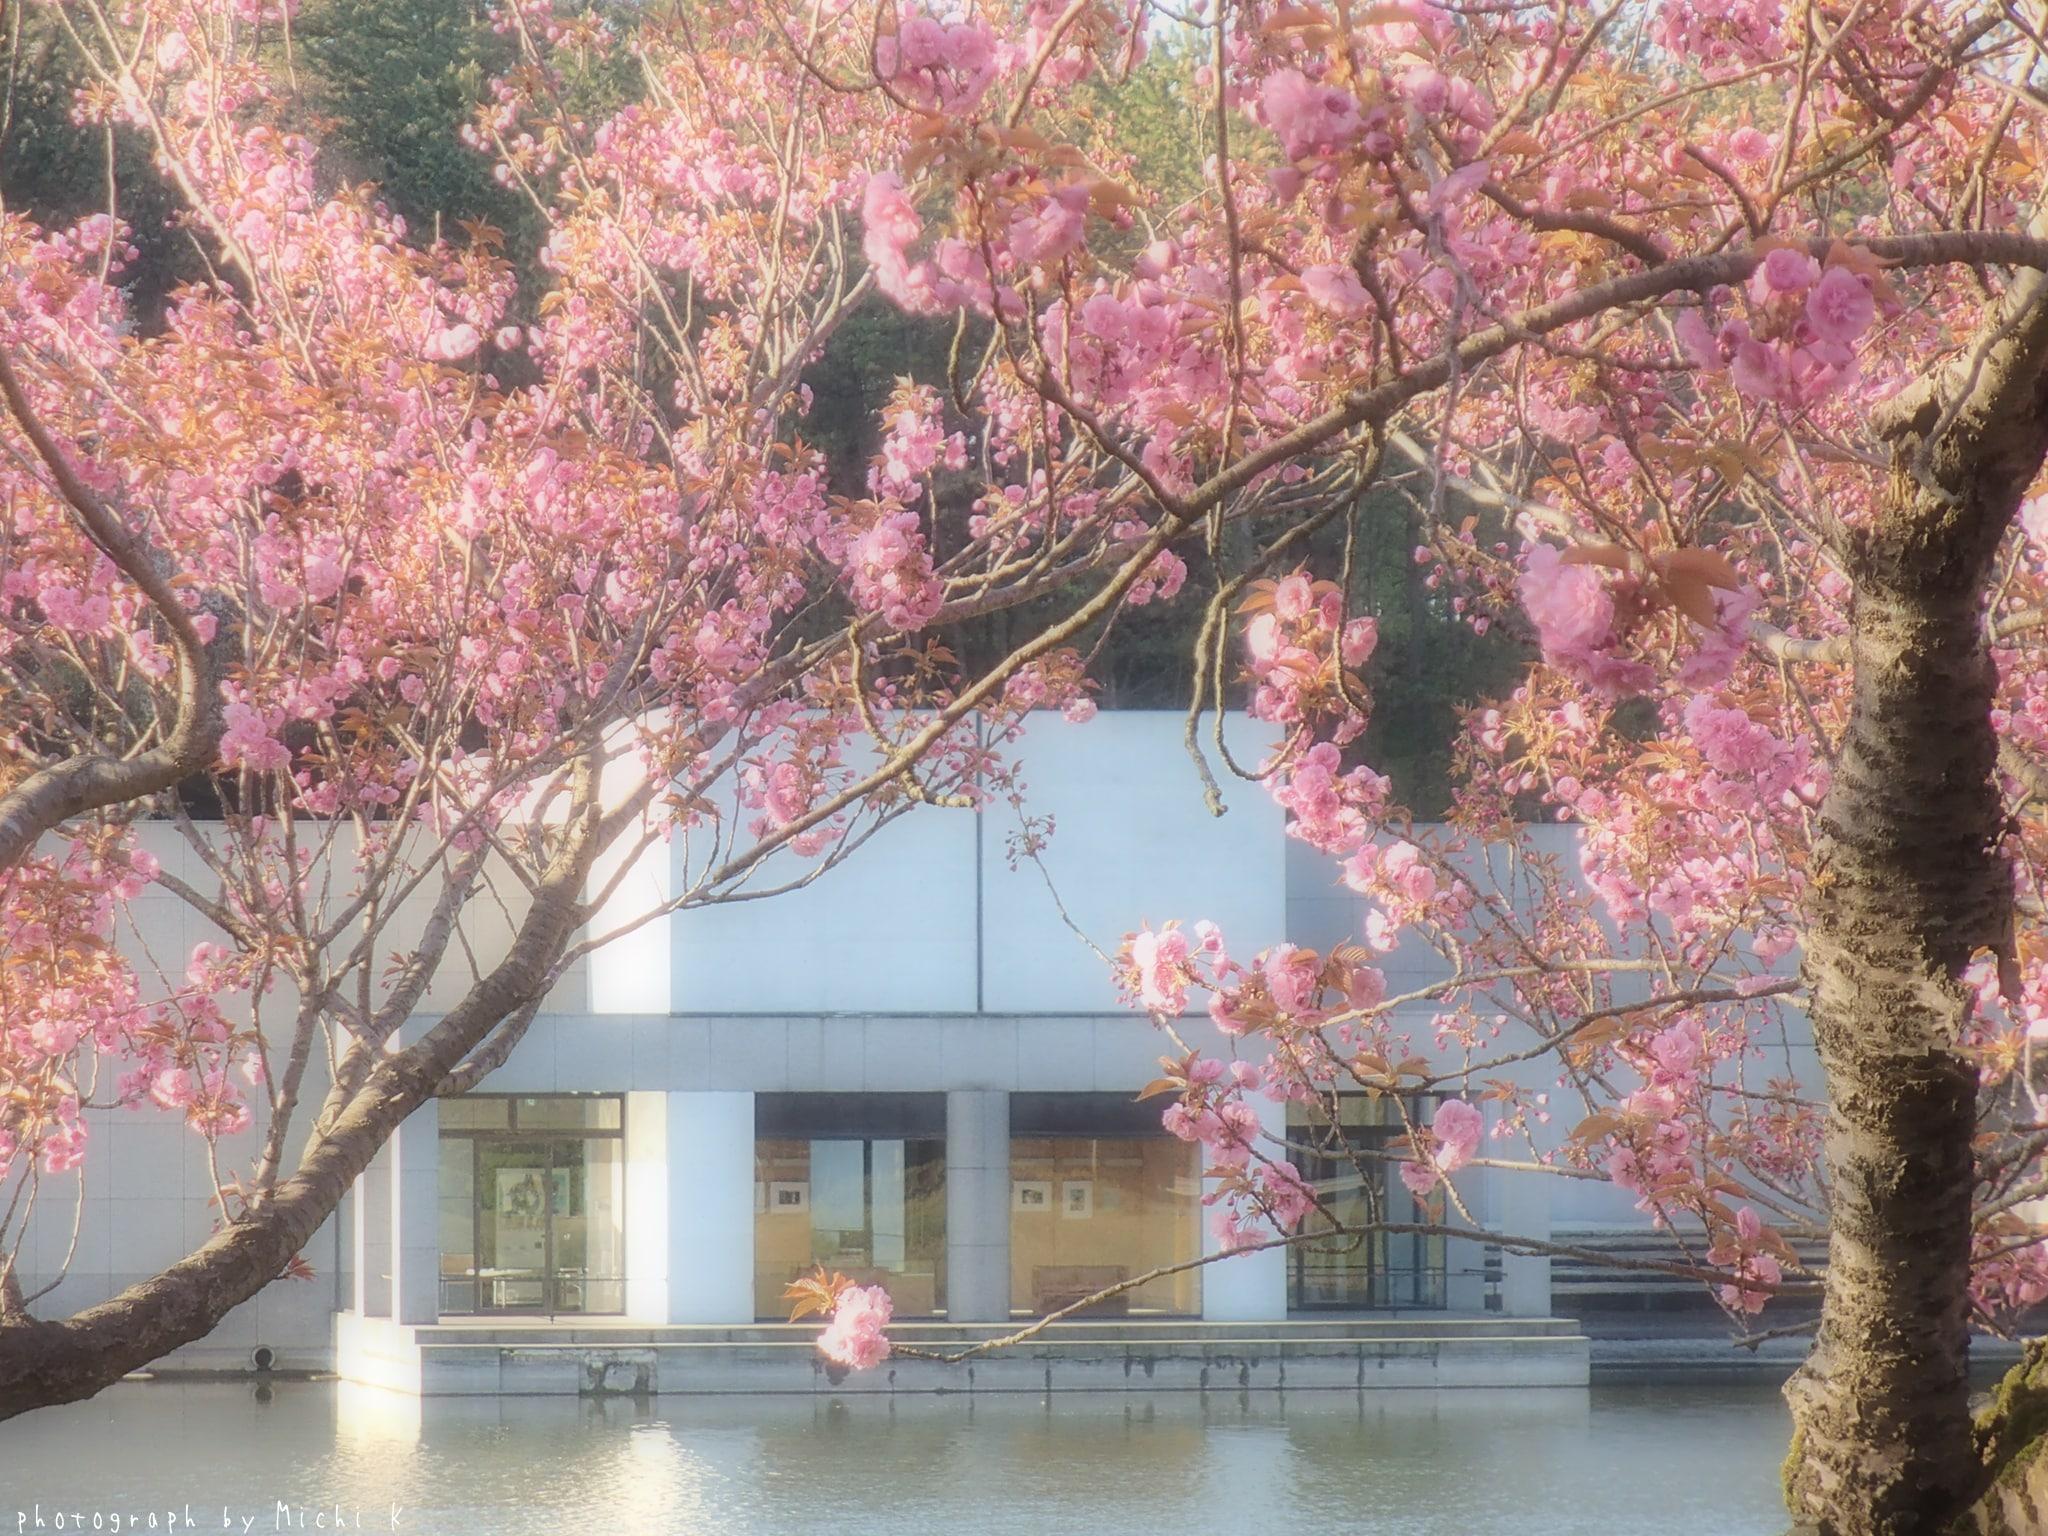 土門拳記念館にて2019年4月29日(写真その5)